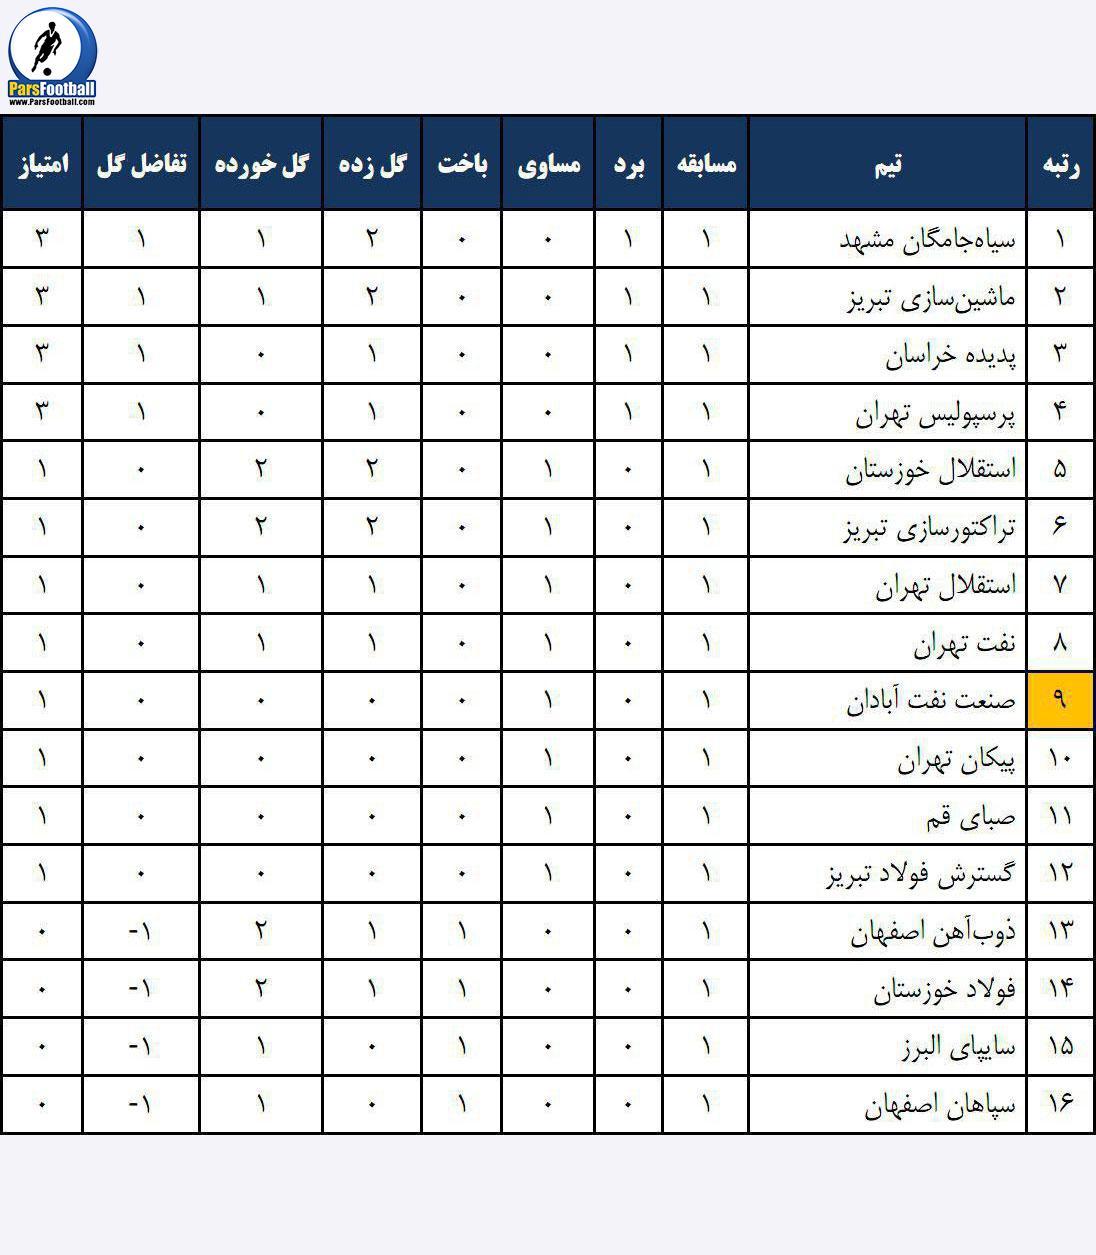 جدول هفته اول لیگ برتر